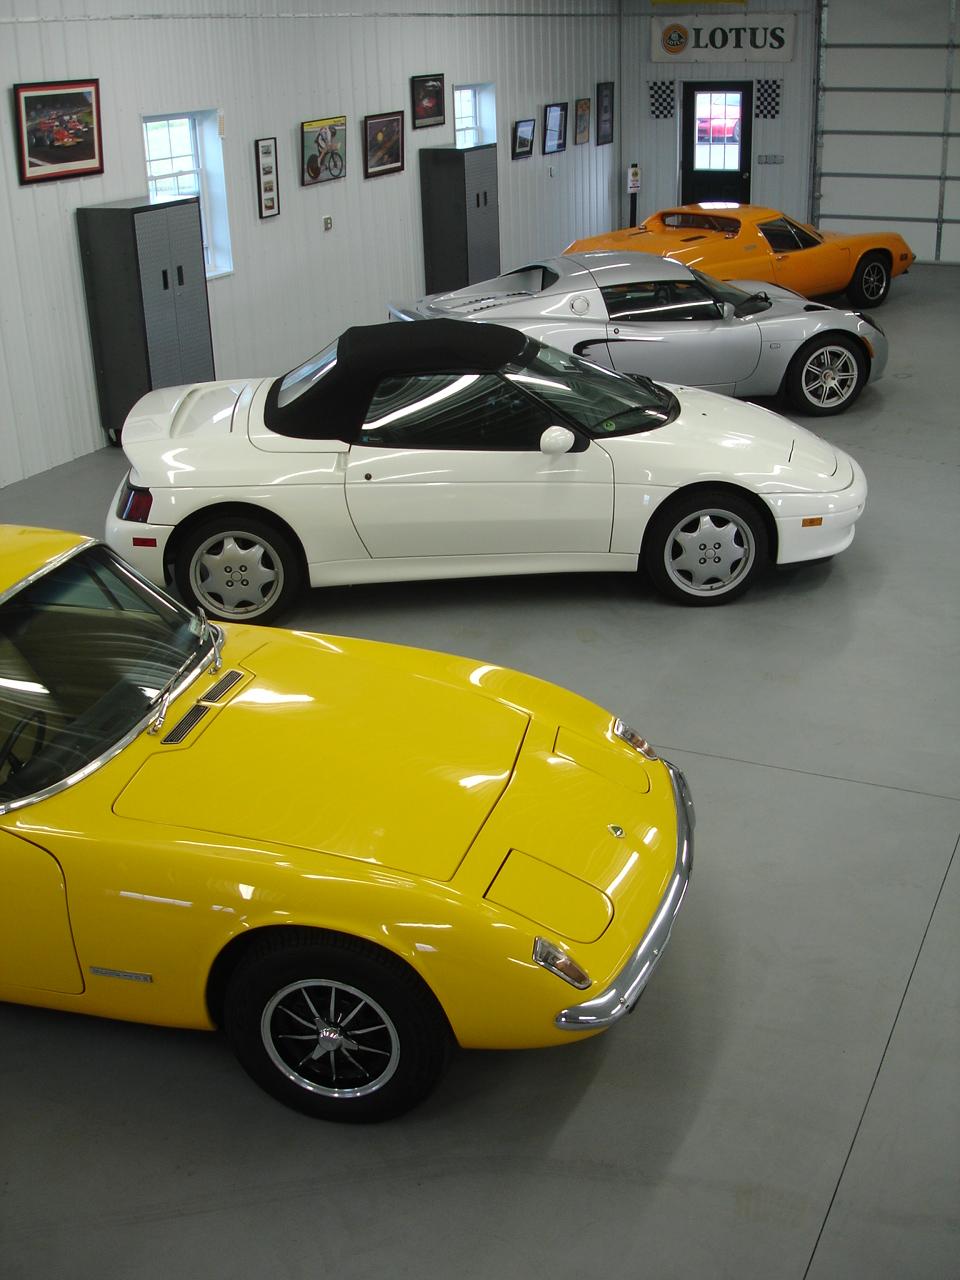 Garage Lotus!! 127151d1247498601-larrys-lotus-photoblog-3-4-cars